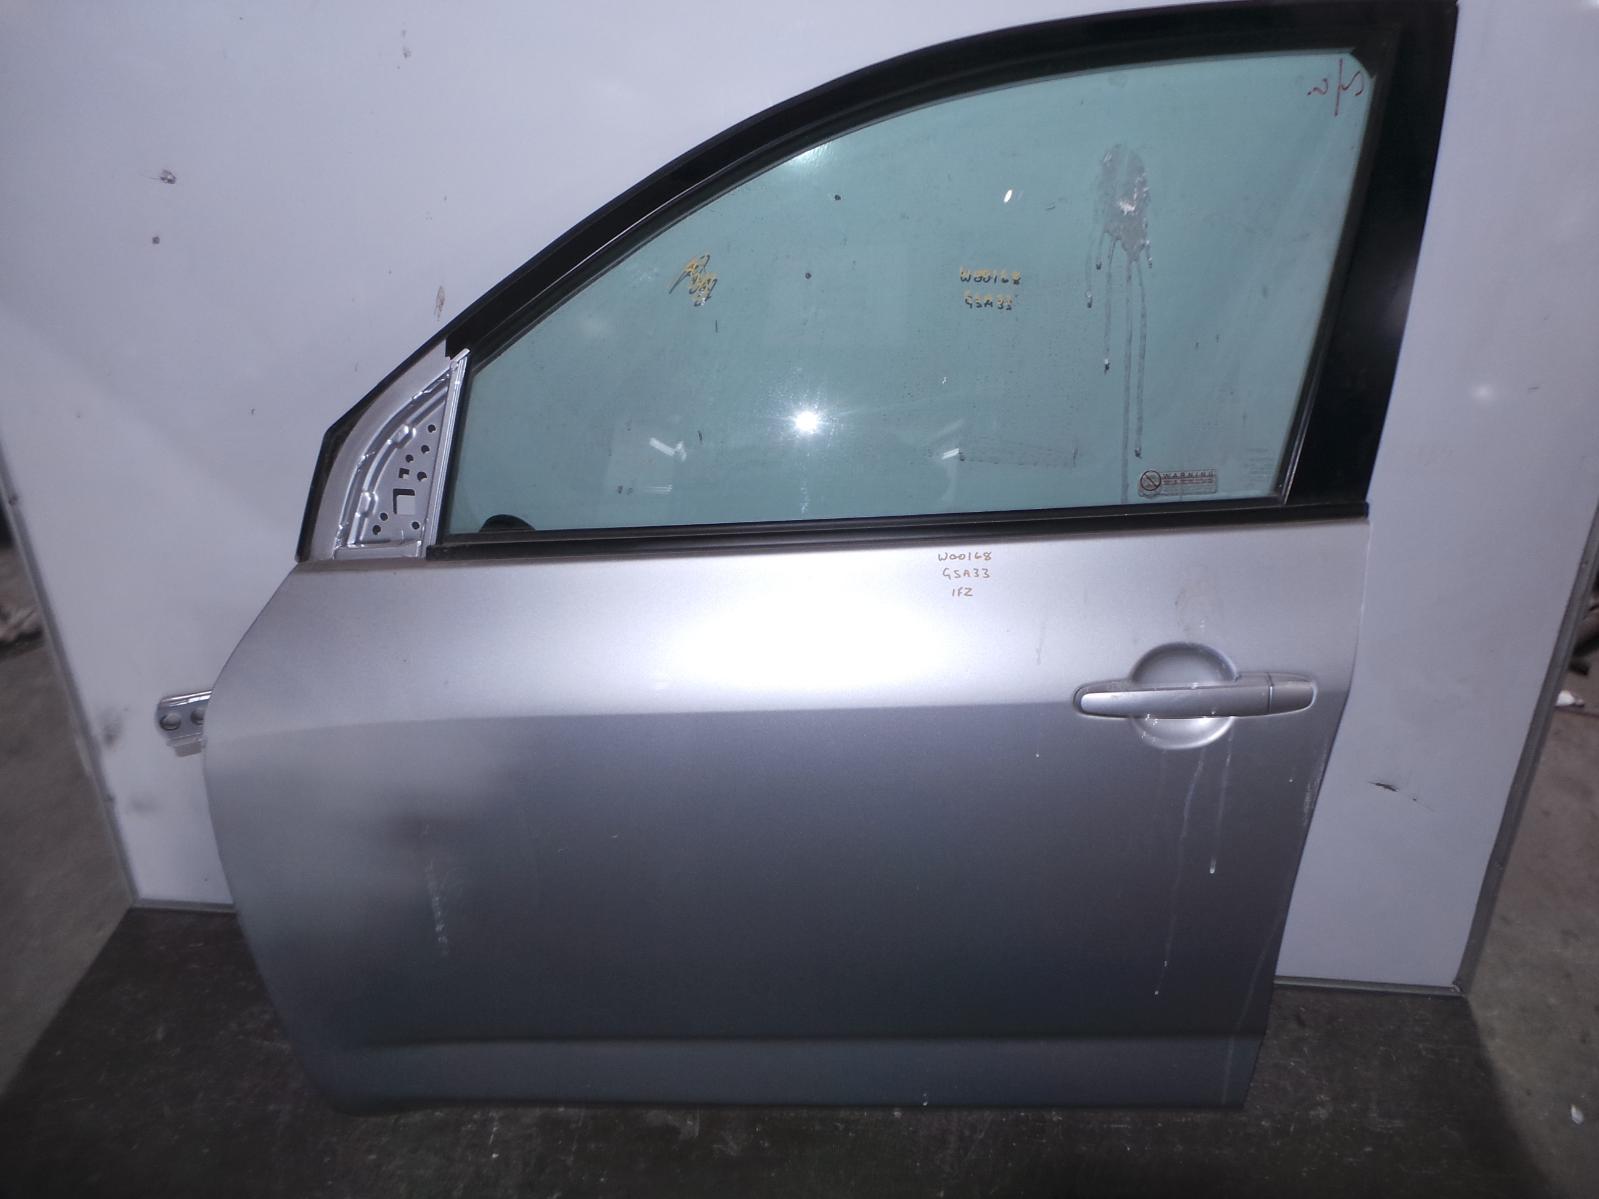 TOYOTA RAV4, Left Front Door, ACA33, 11/05-12/12